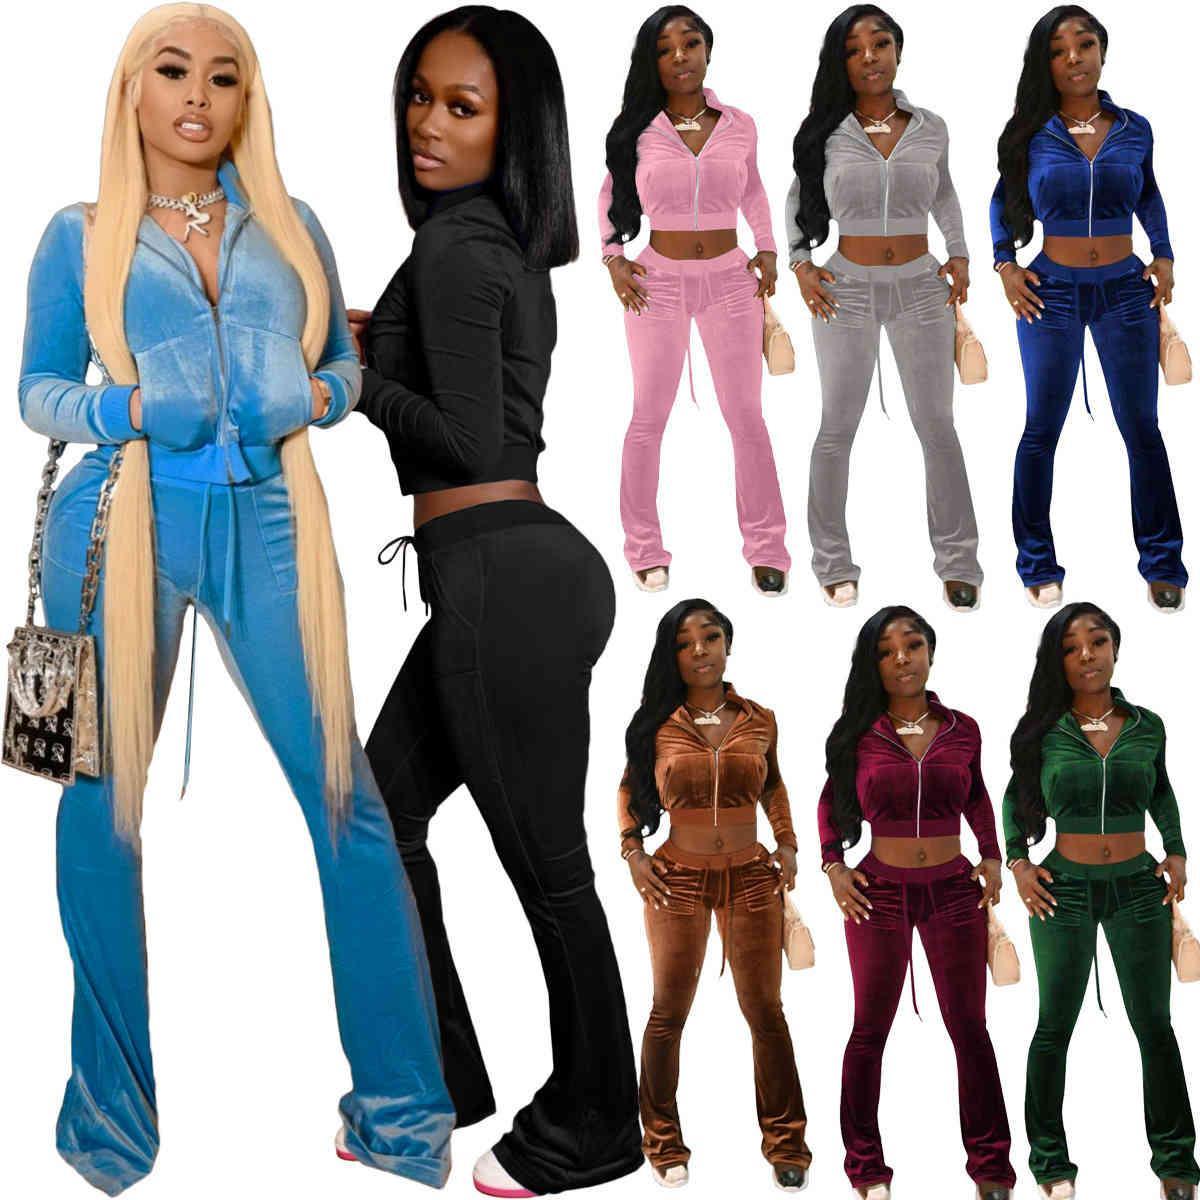 Donne Velluto Tute Tracksuits Sport Solido 2 Abiti a due pezzi Due abiti Pink Velor Sweatsuits Zipper Pocket Giacca a maniche lunghe + Campana Wid Leg Pant Set